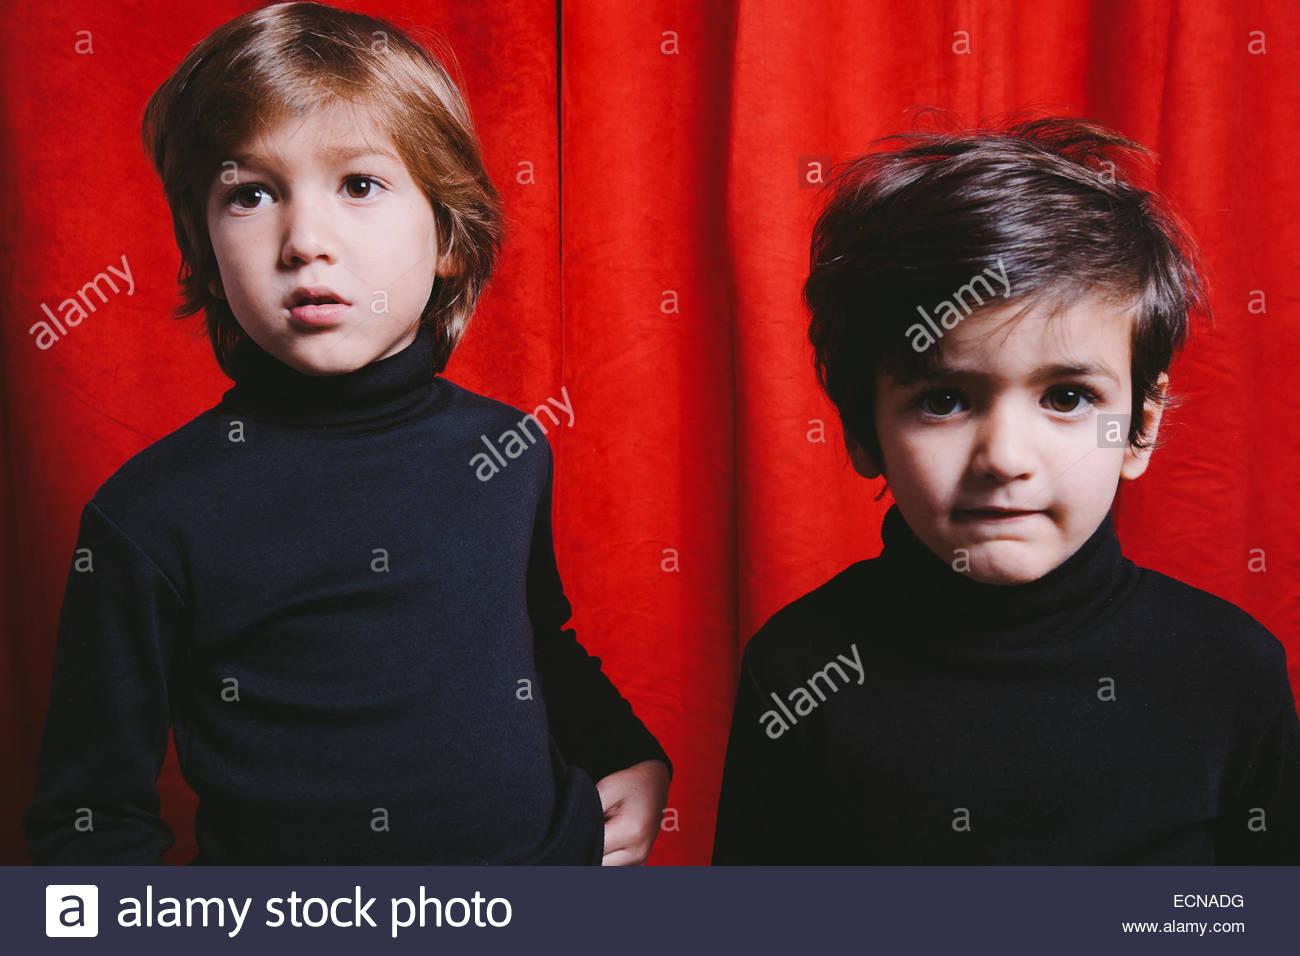 Ritratto in studio di due ragazzi che indossa abiti neri Immagini Stock